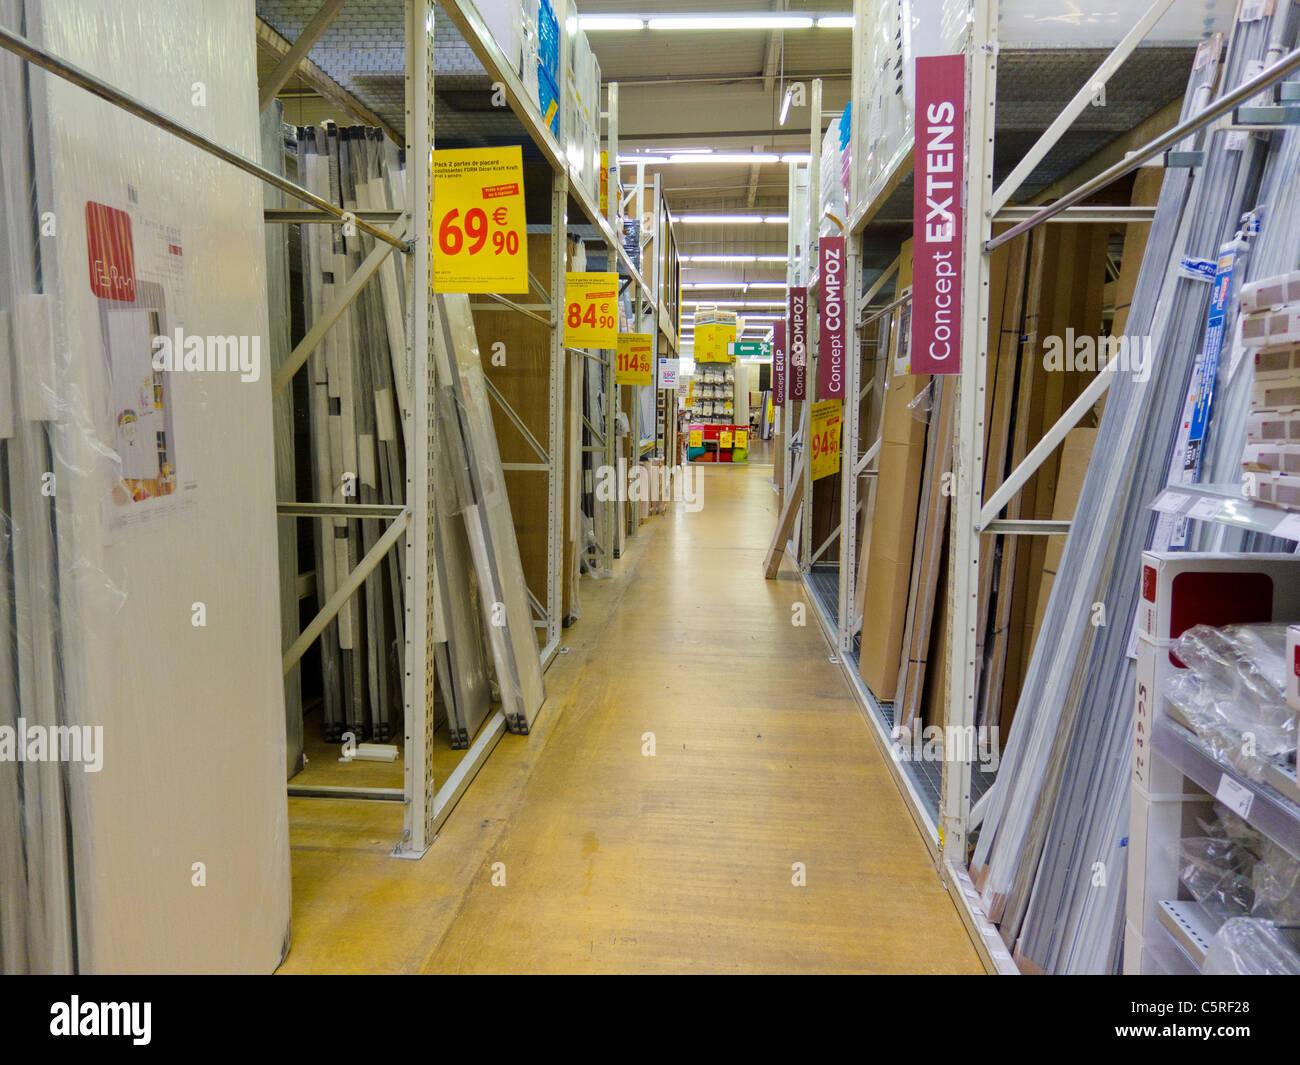 Paris, France, à l intérieur, magasin de matériel de bricolage, des  articles ménagers, Conformara Creiteil ,en Banlieue f3e171202d42